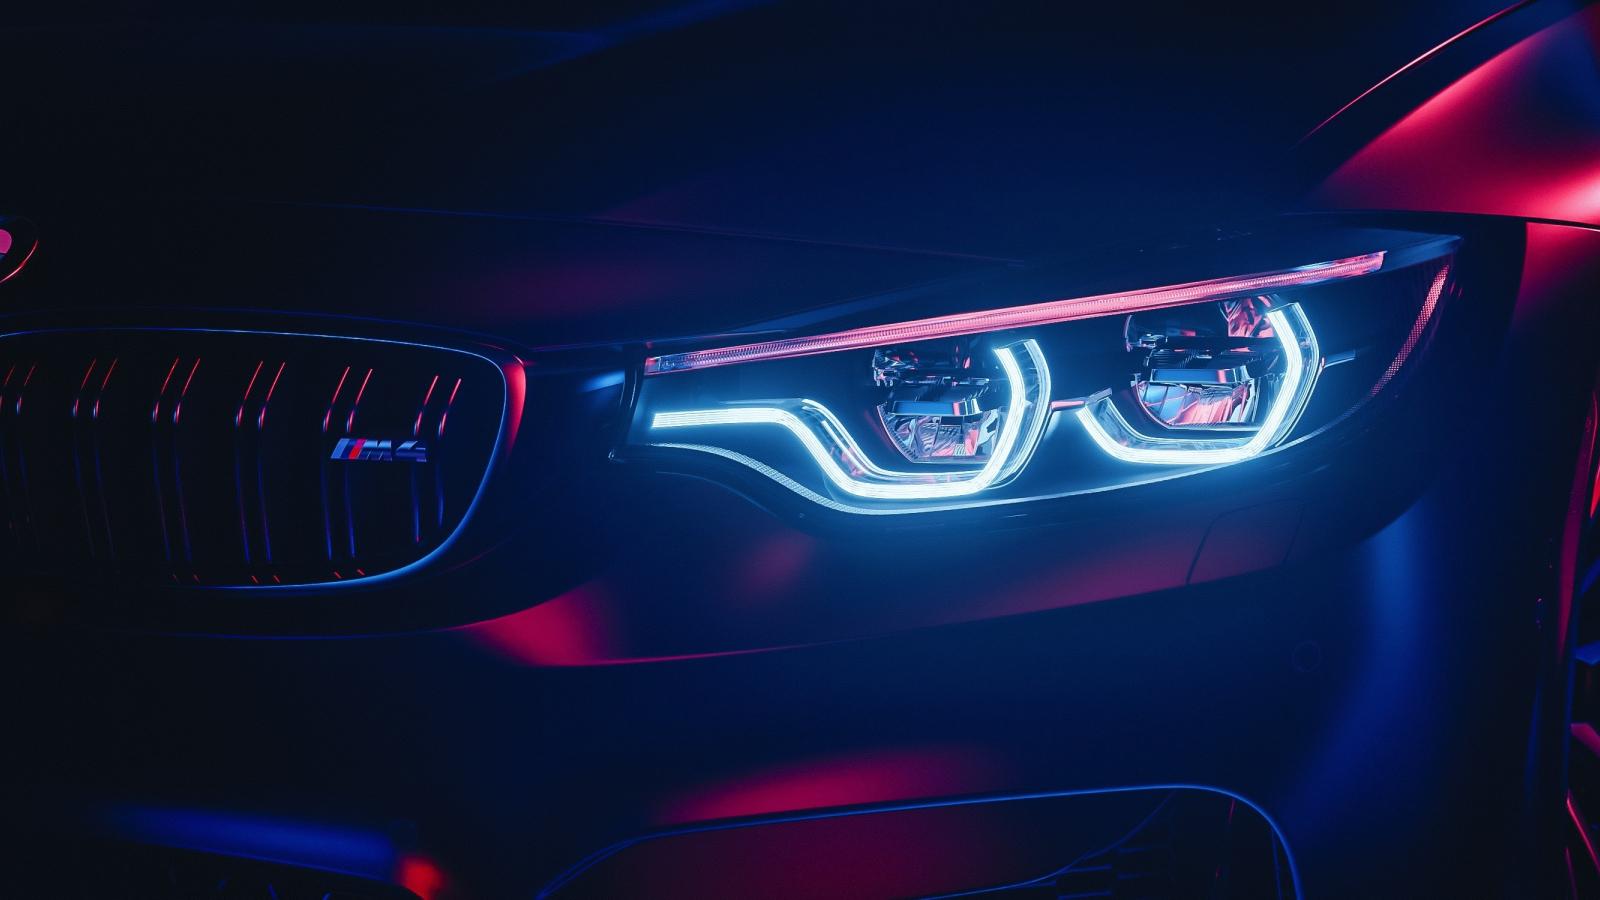 Download 1600x900 Wallpaper Bmw M4 Headlight Sports Car